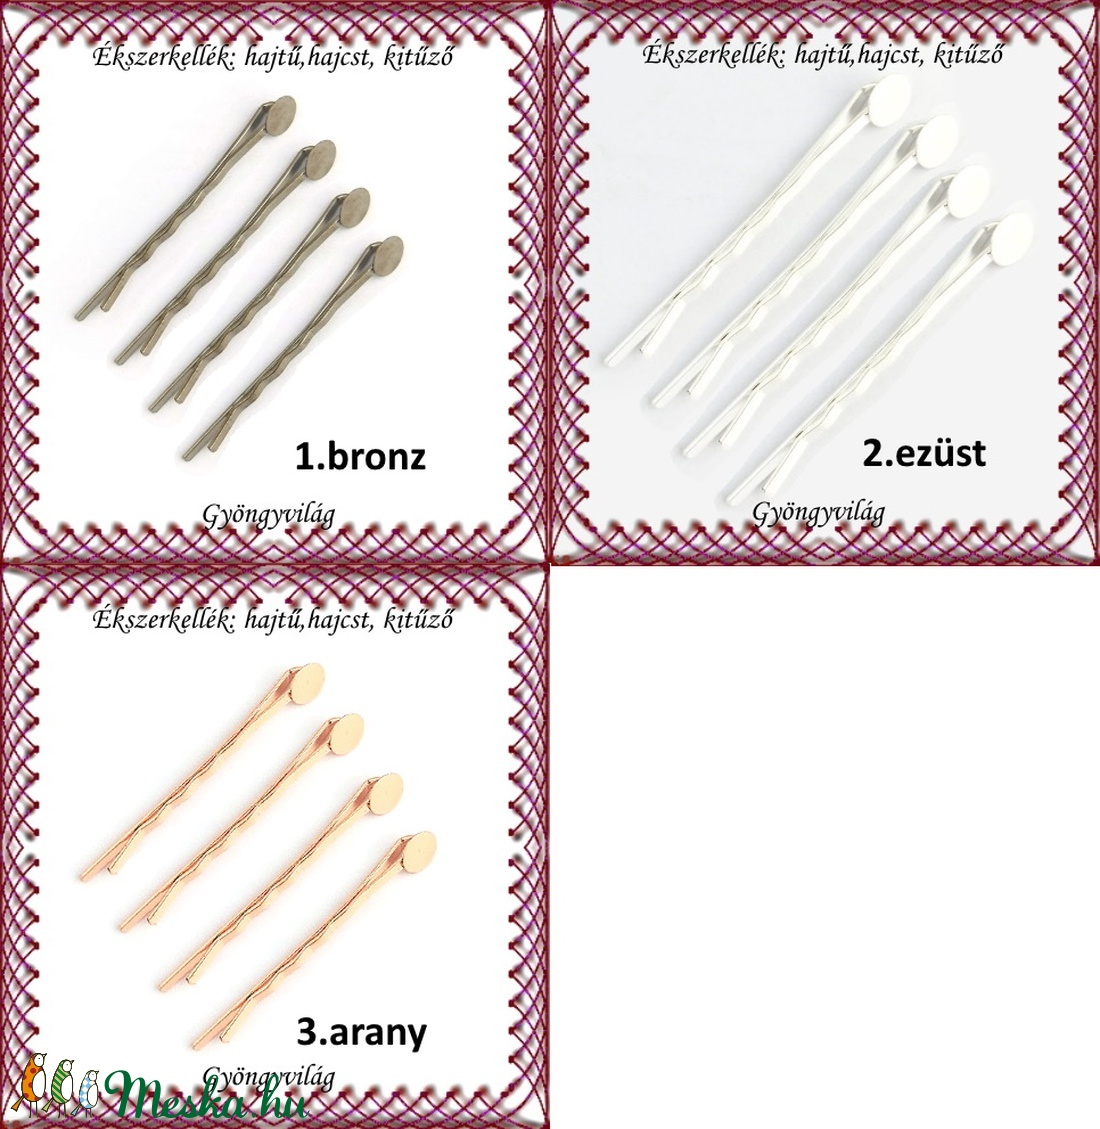 Ékszerkellék: hajtű, hajcsat, kitűző BEK H05-6rg  5db/ cs - gyöngy, ékszerkellék - üveggyöngy - Meska.hu